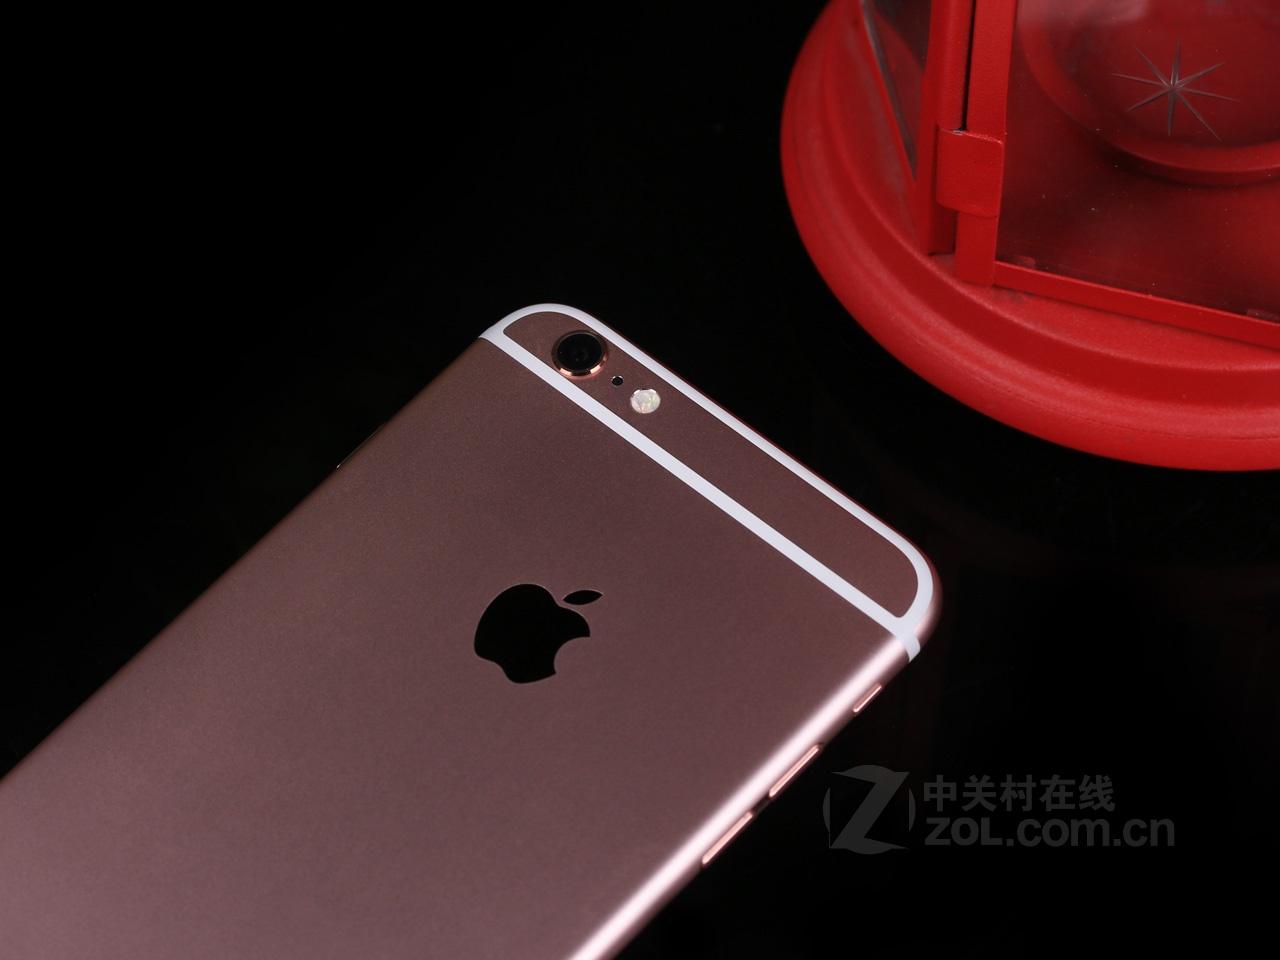 大屏魅力 苹果iphone 6s plus重庆5799